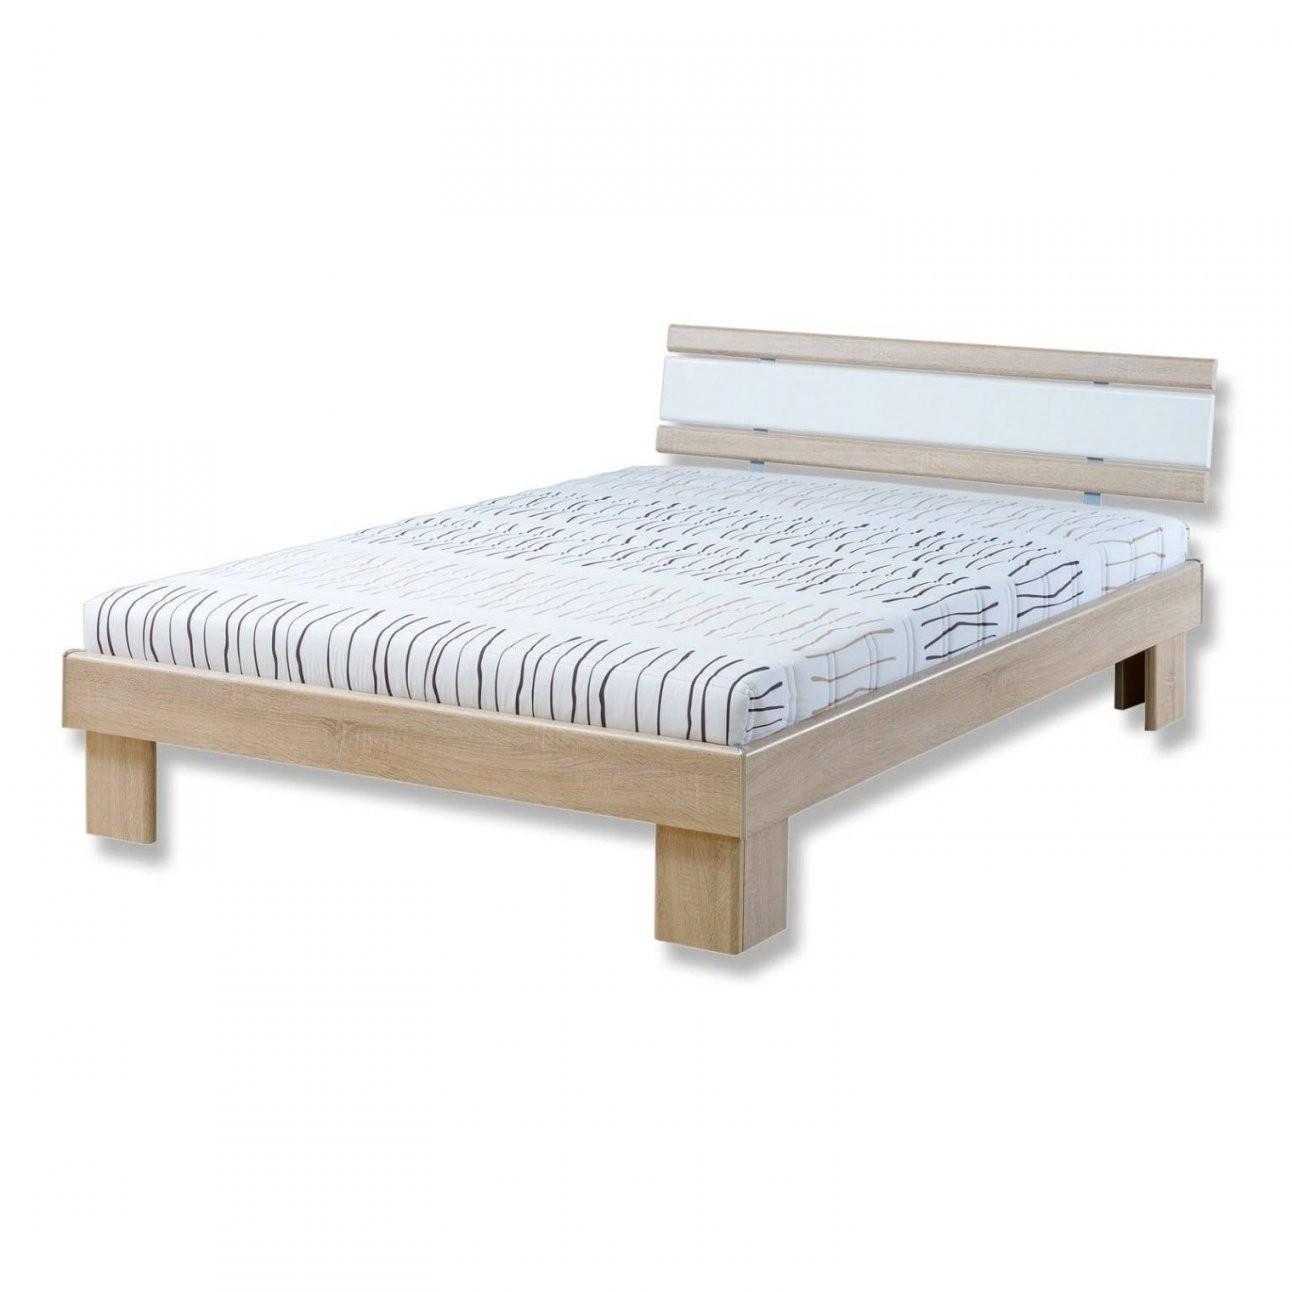 Roller Bett Mit Matratze Frisch Bett 120×200 Roller Bestevon Beste von Roller Betten 120X200 Bild